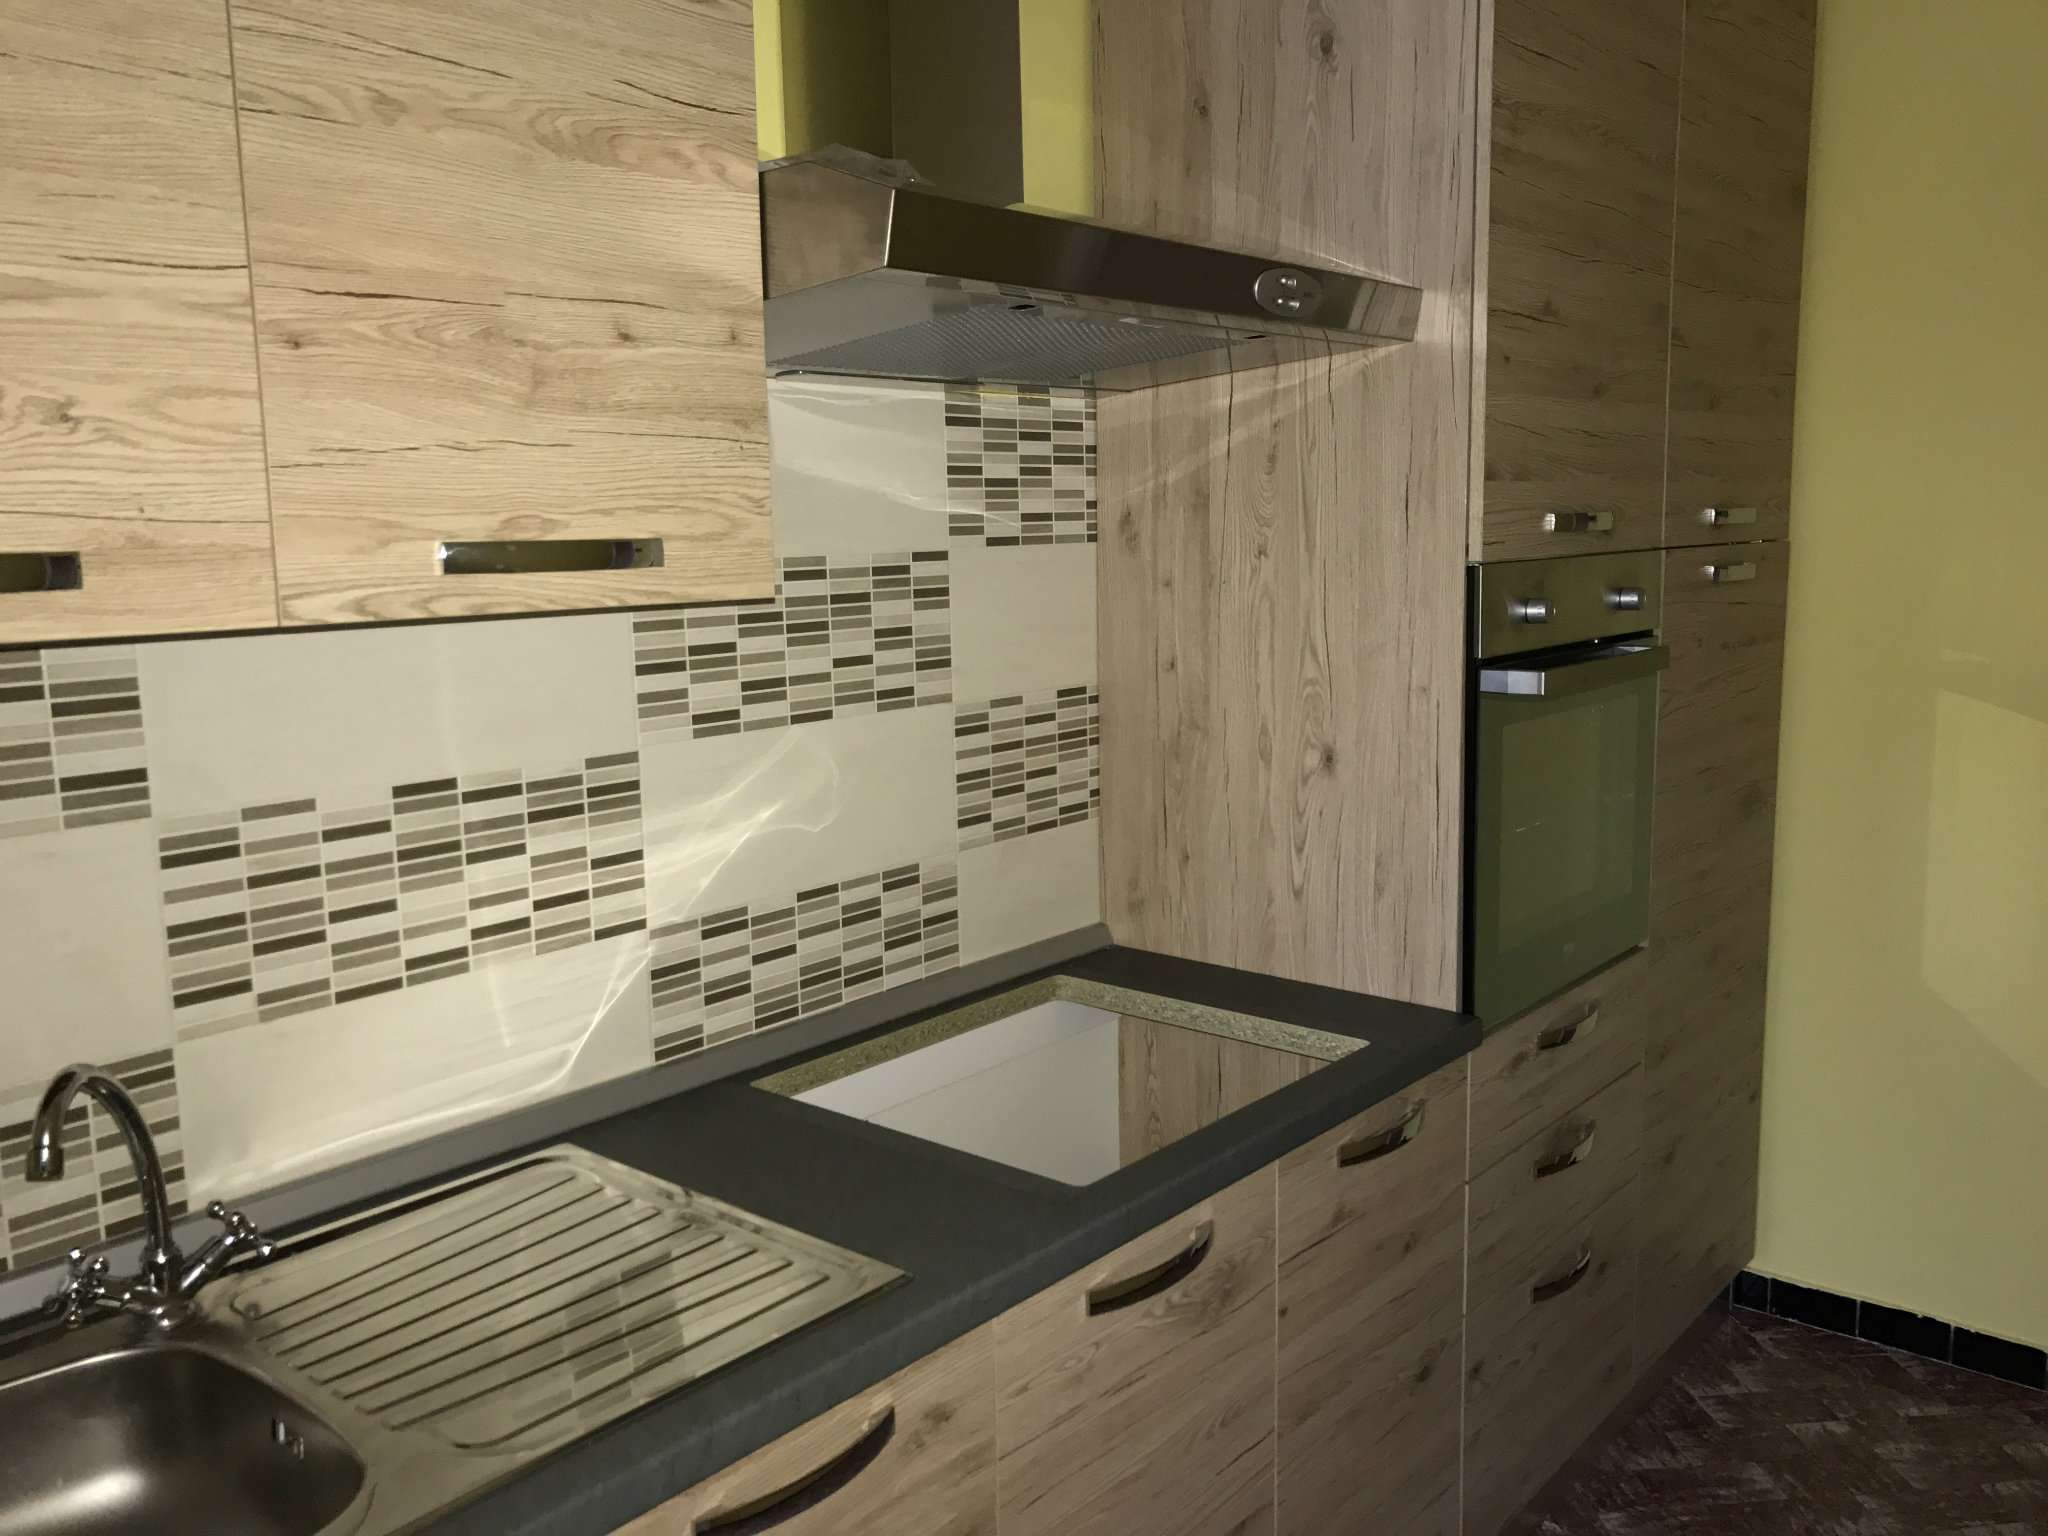 Appartamento in vendita a Solbiate Arno, 3 locali, prezzo € 43.000 | Cambio Casa.it